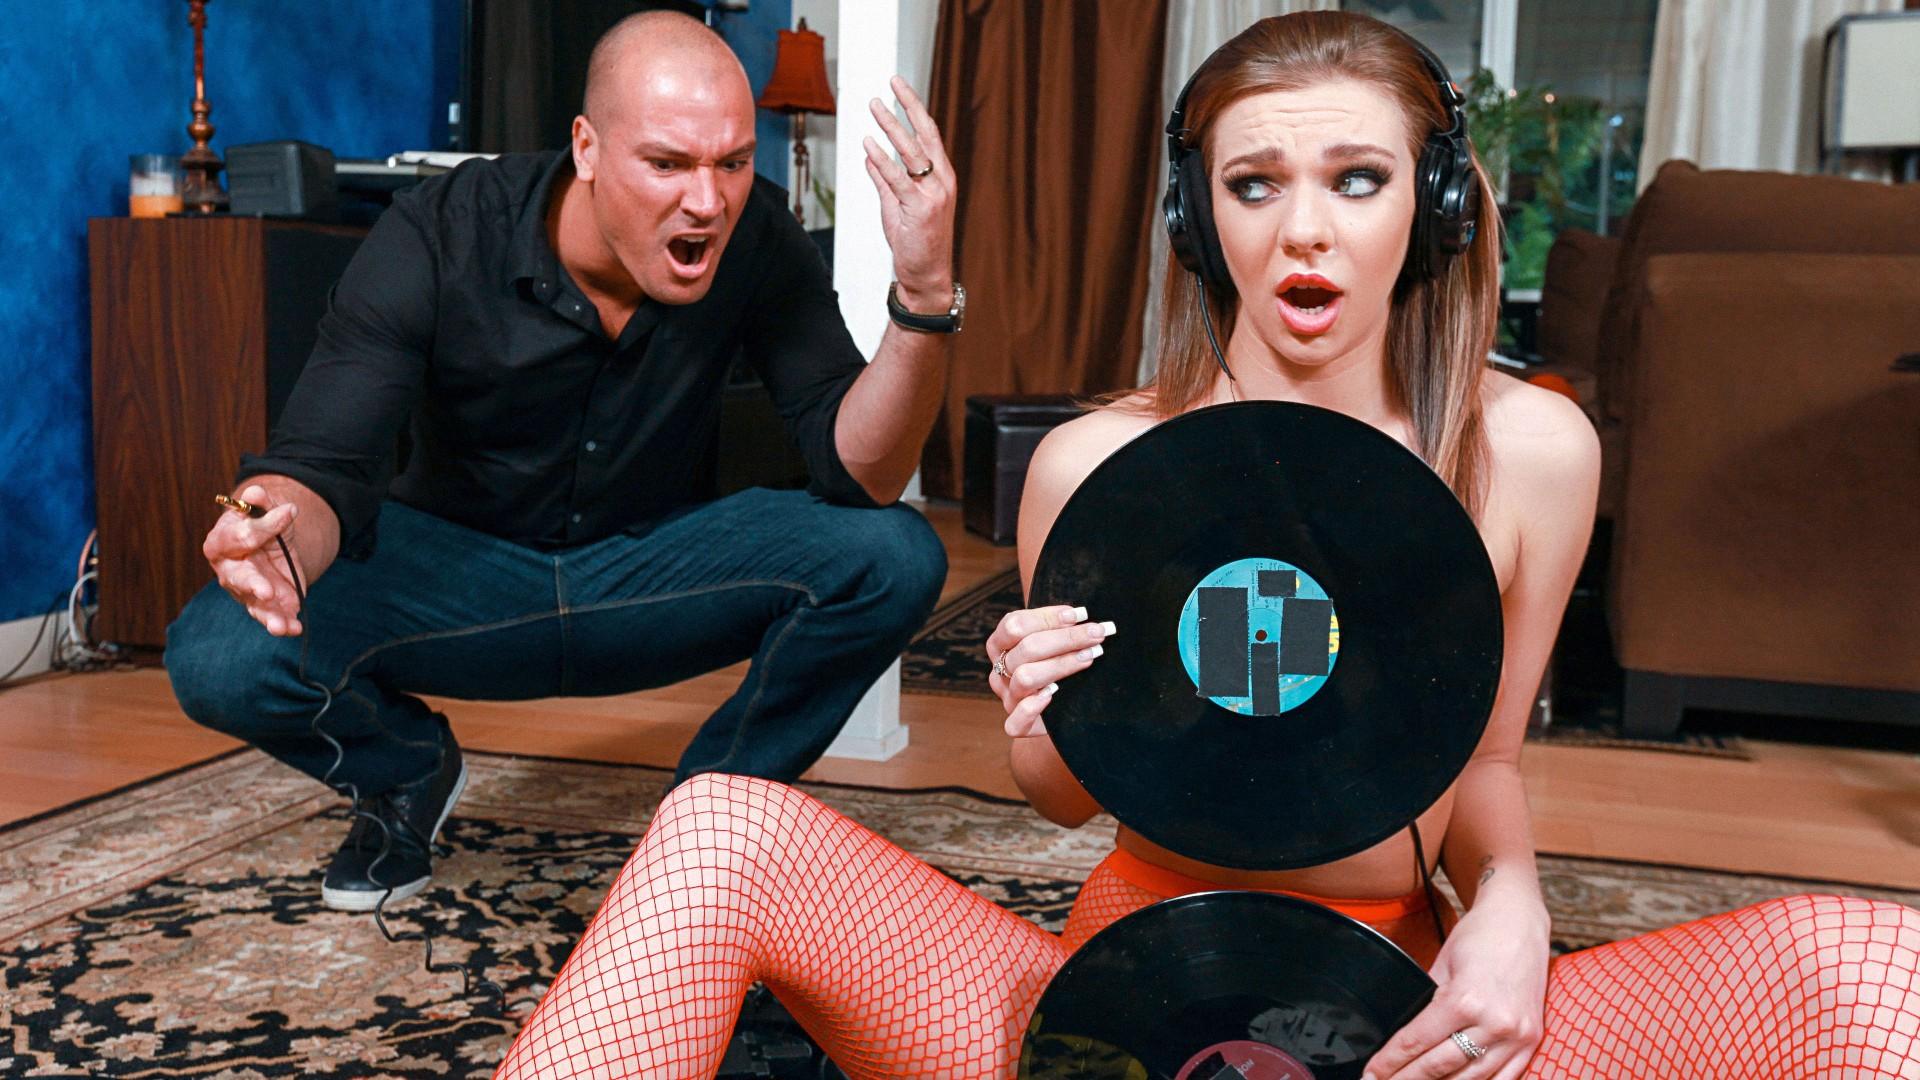 Vinyl Vixen - Teens Love Huge Cocks